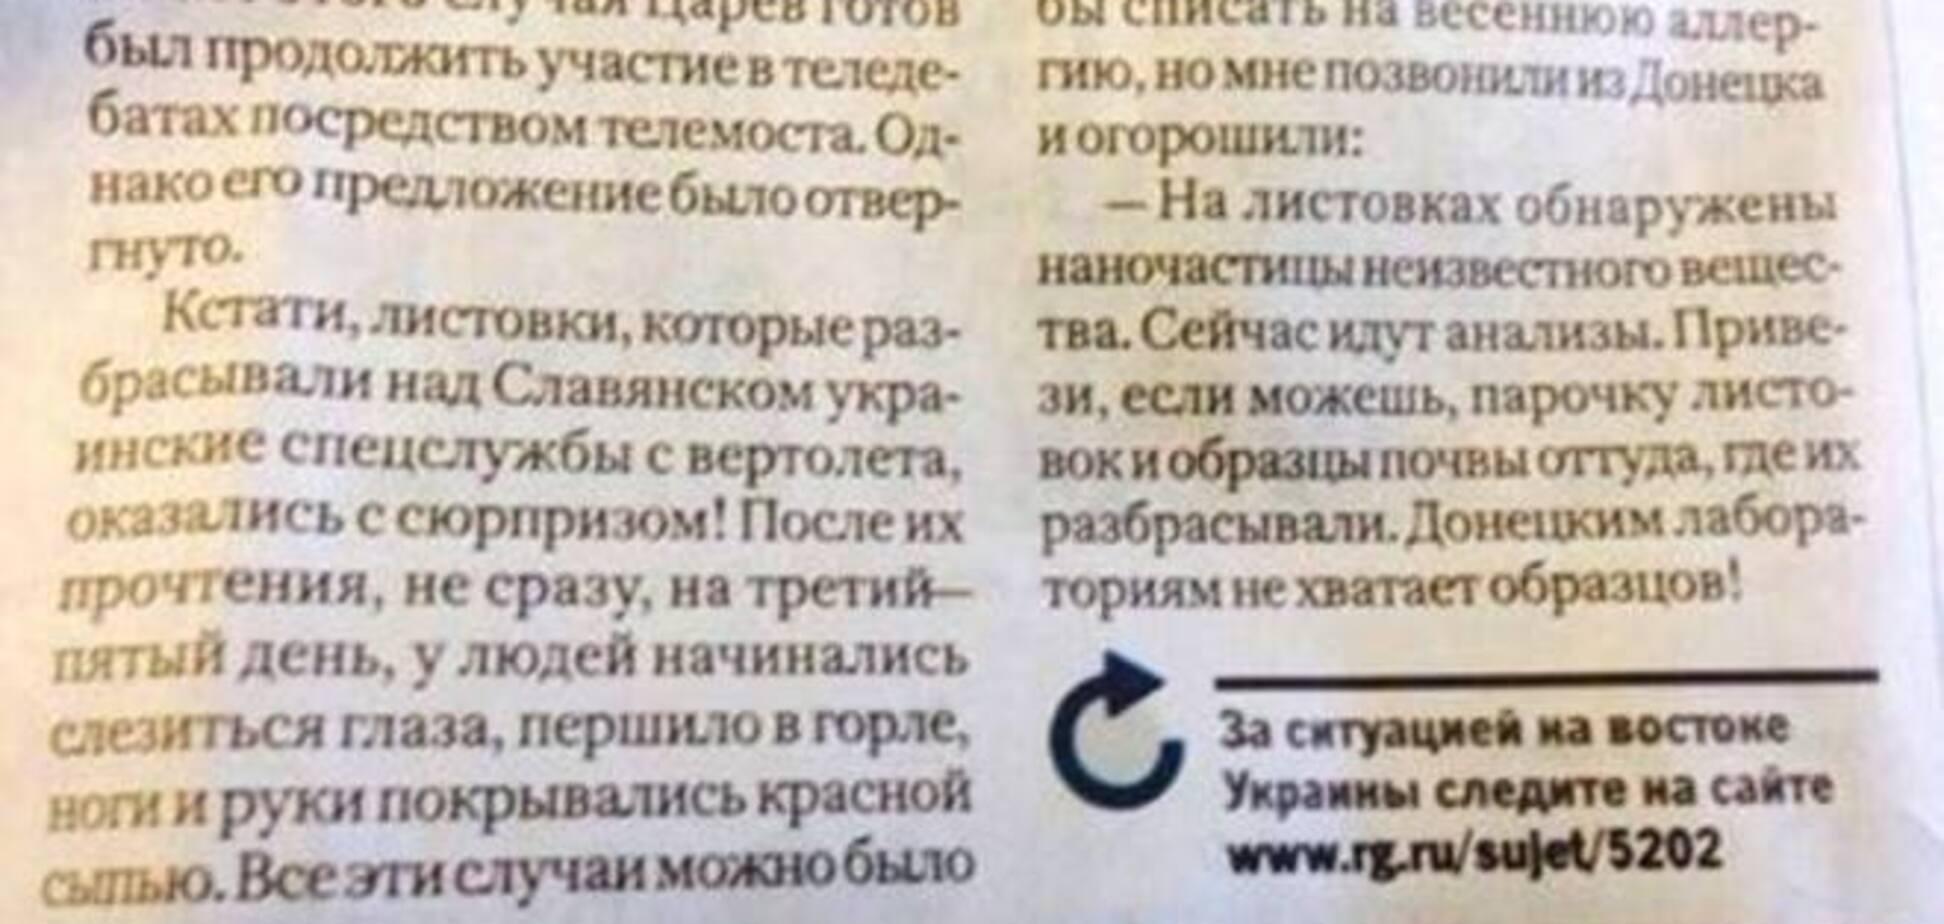 Російські ЗМІ лякають отруєними листівками в Краматорську і Слов'янську